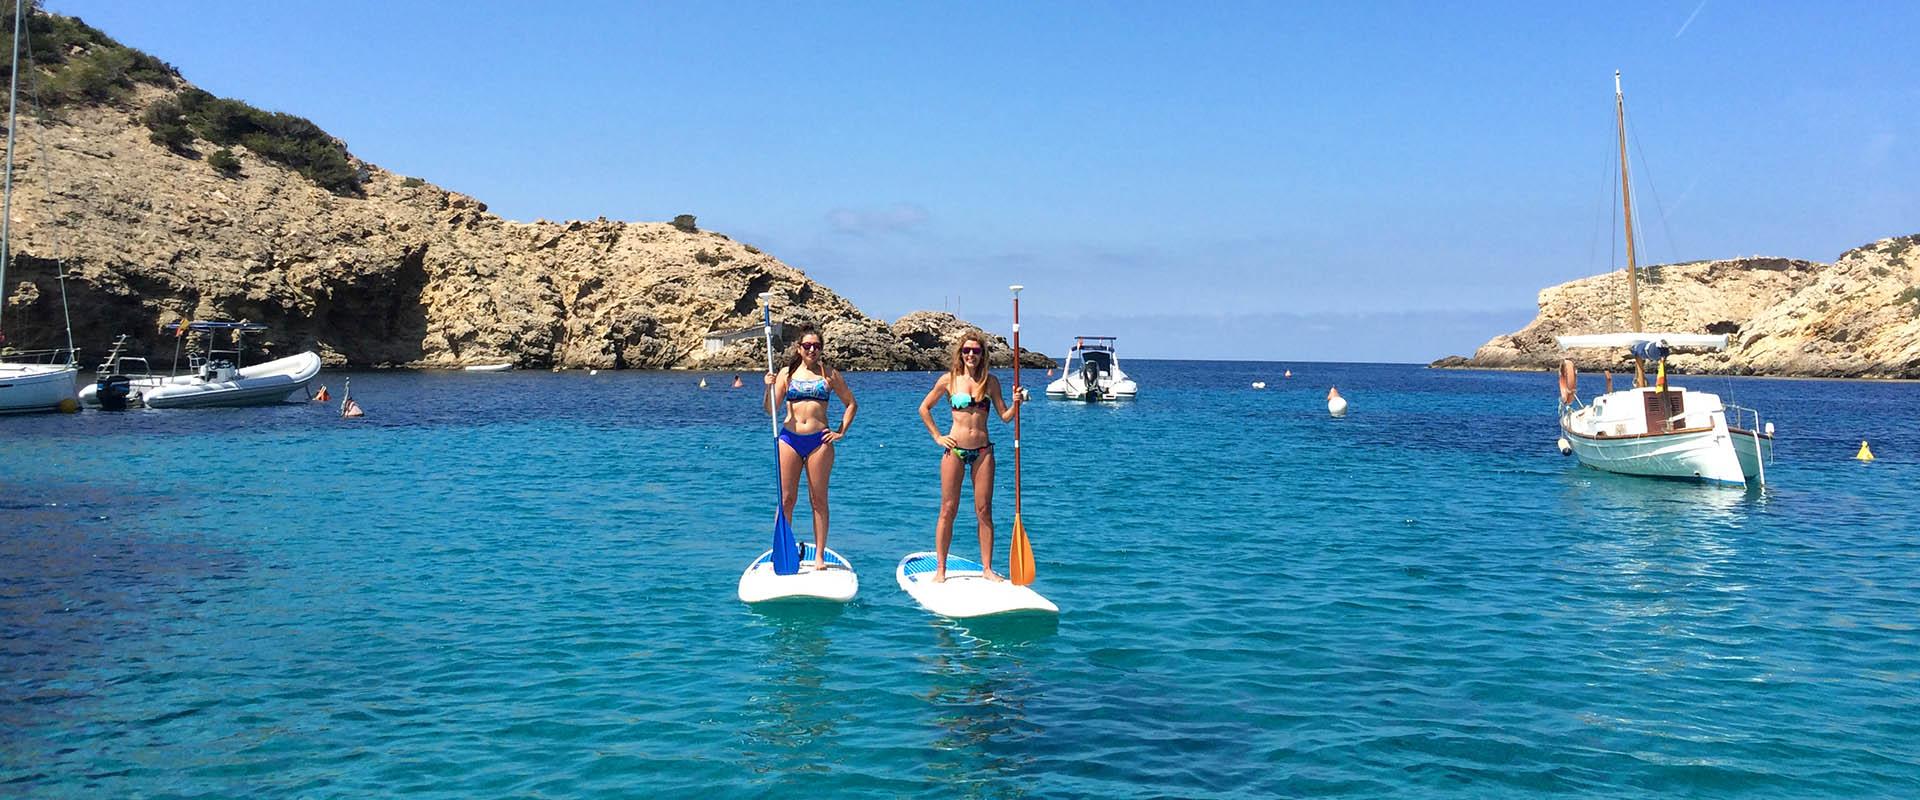 SUP Yoga / Paddle Surf Ibiza